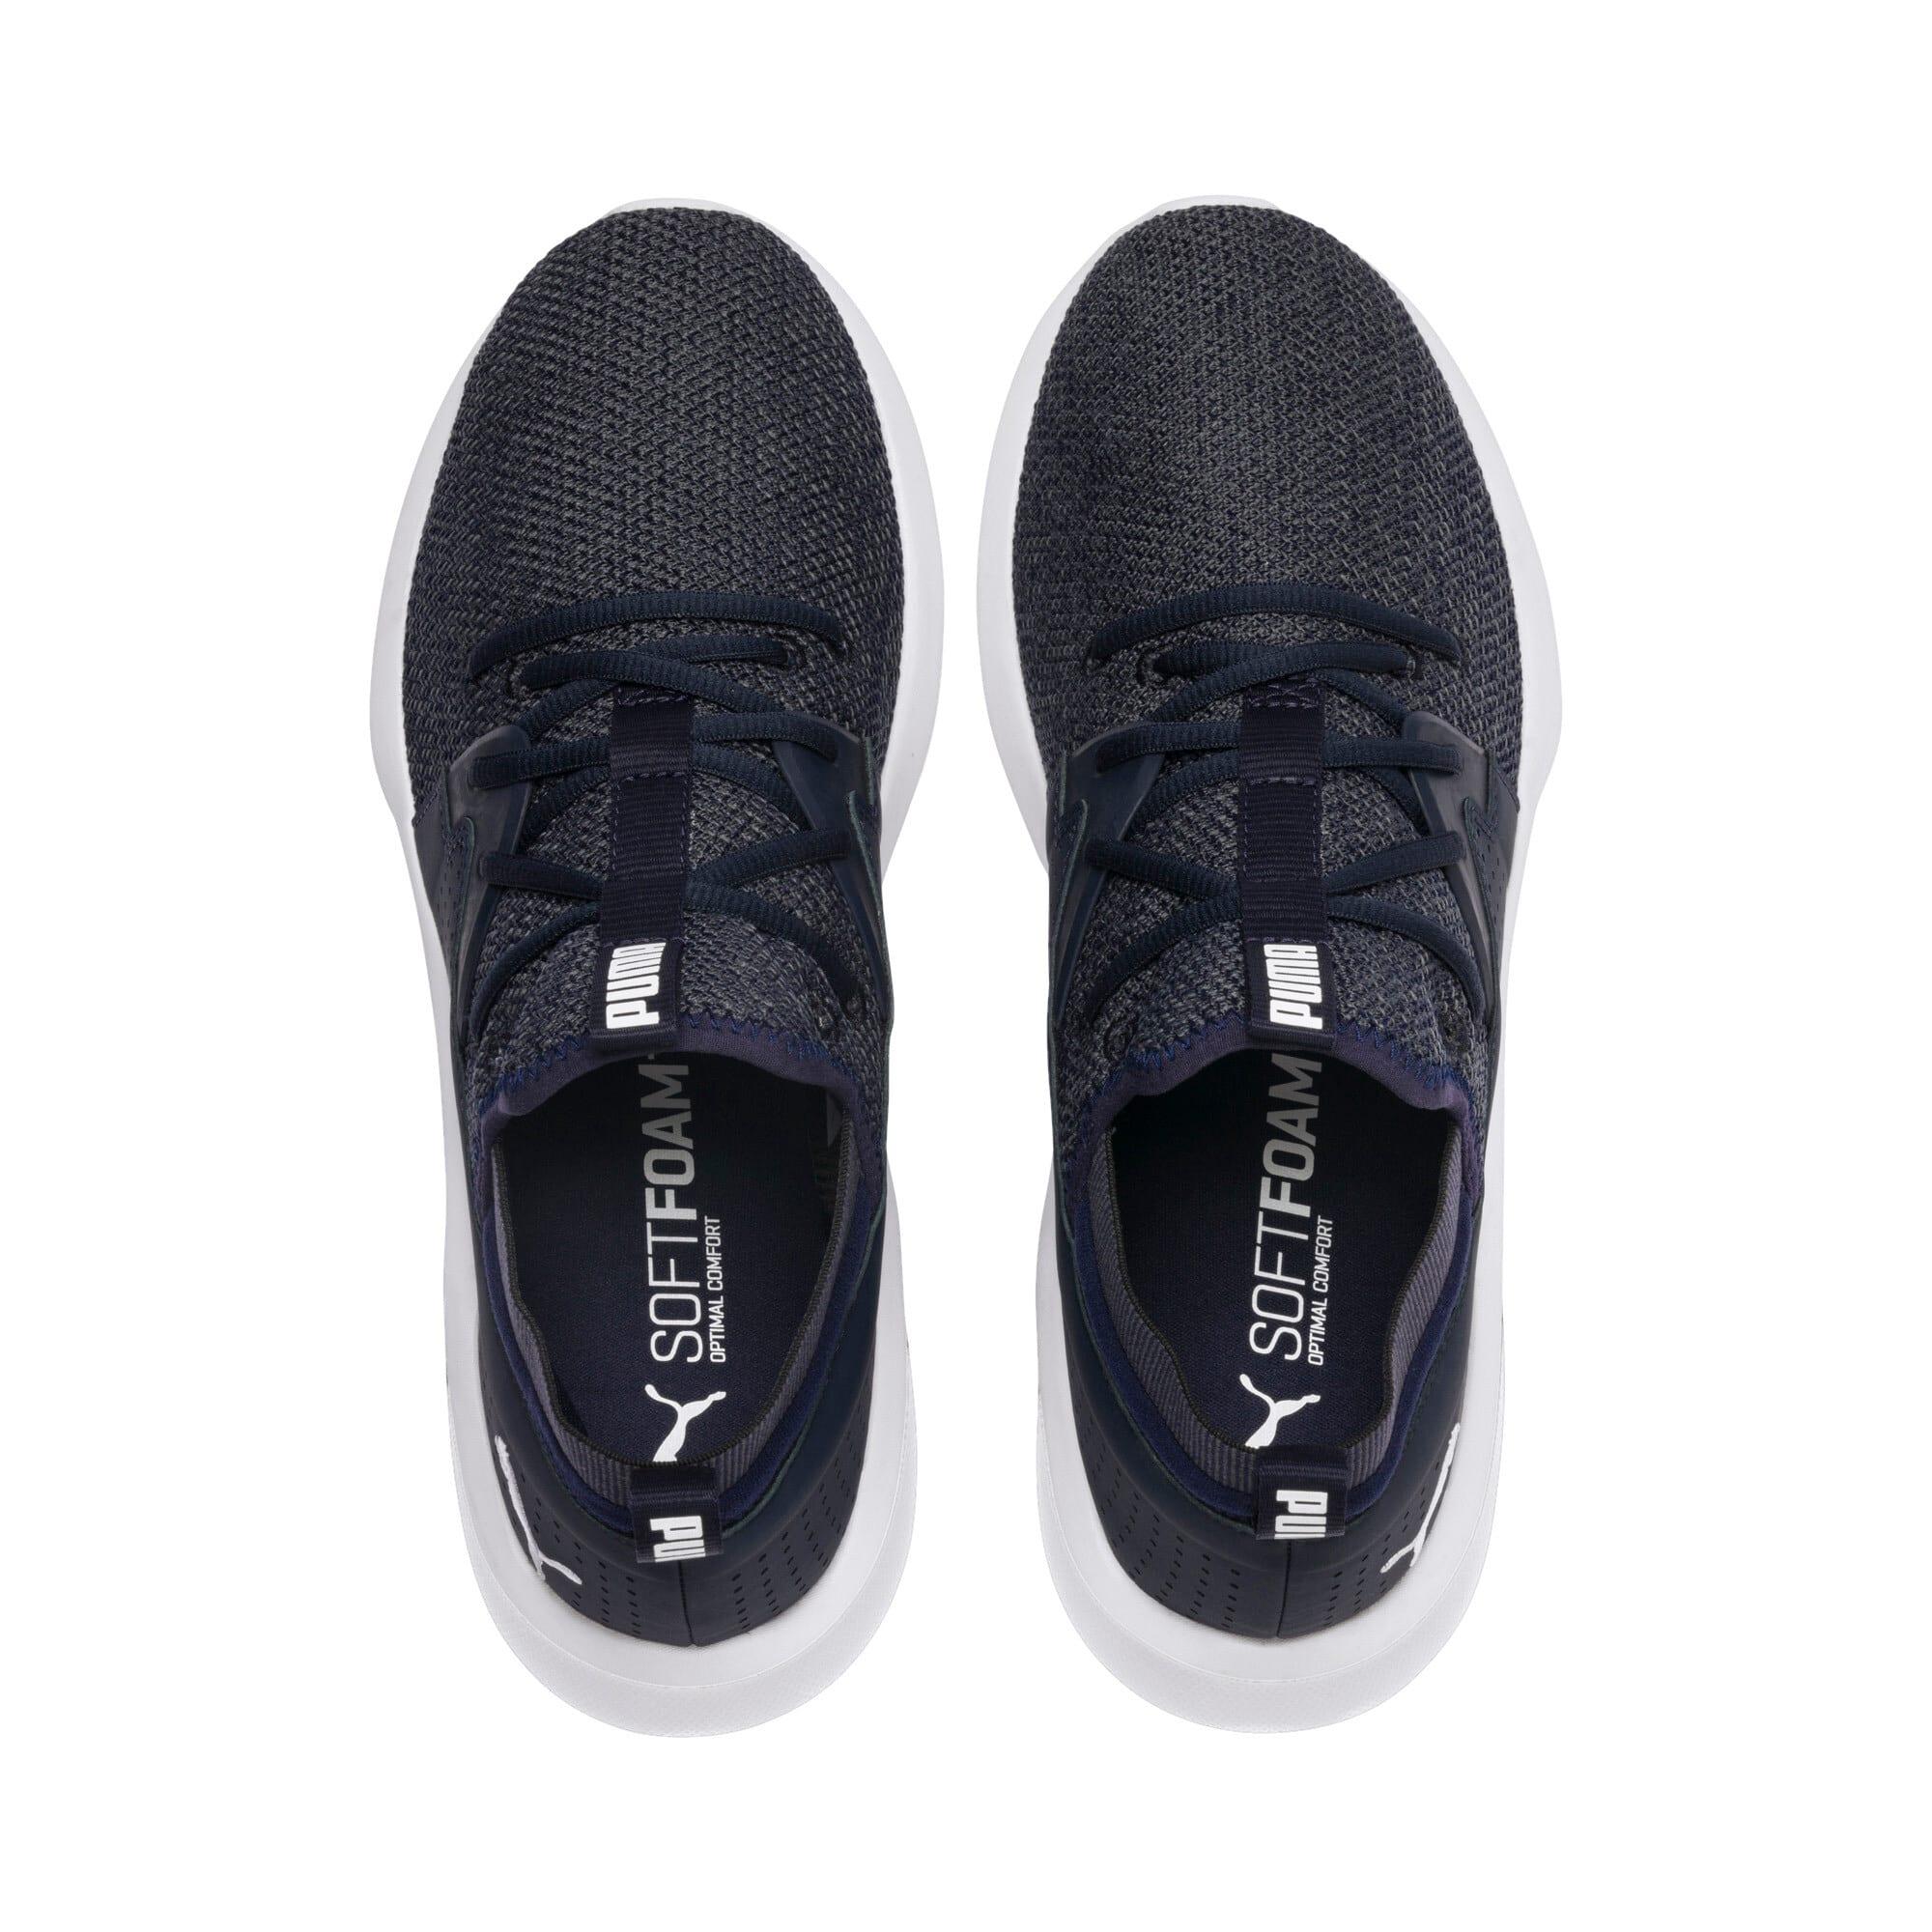 Miniatura 6 de Zapatos deportivos Emergence para hombre, Peacoat-Puma White, mediano